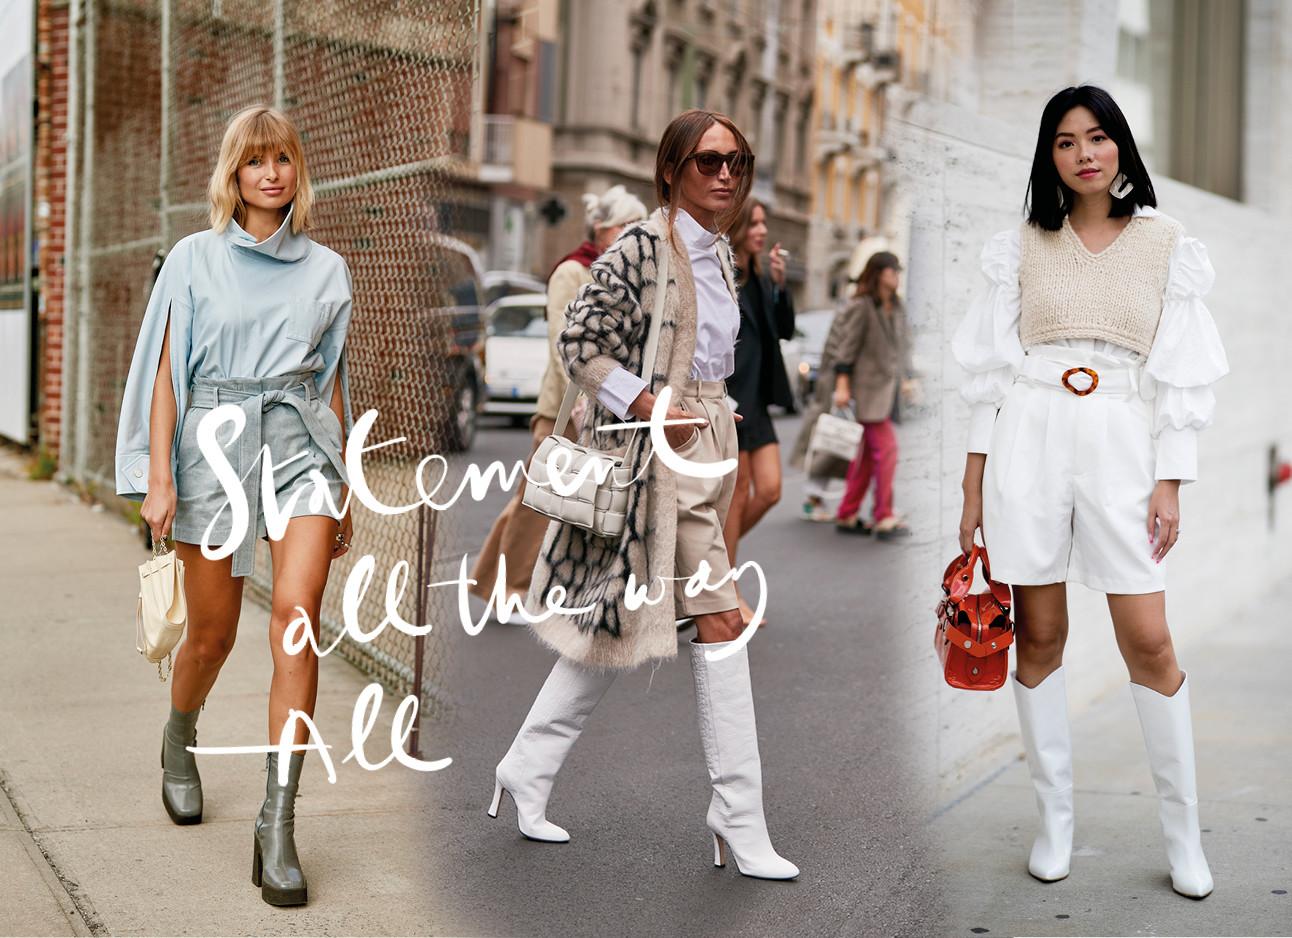 Dit is dé #1 stylingtrick van deze zomer